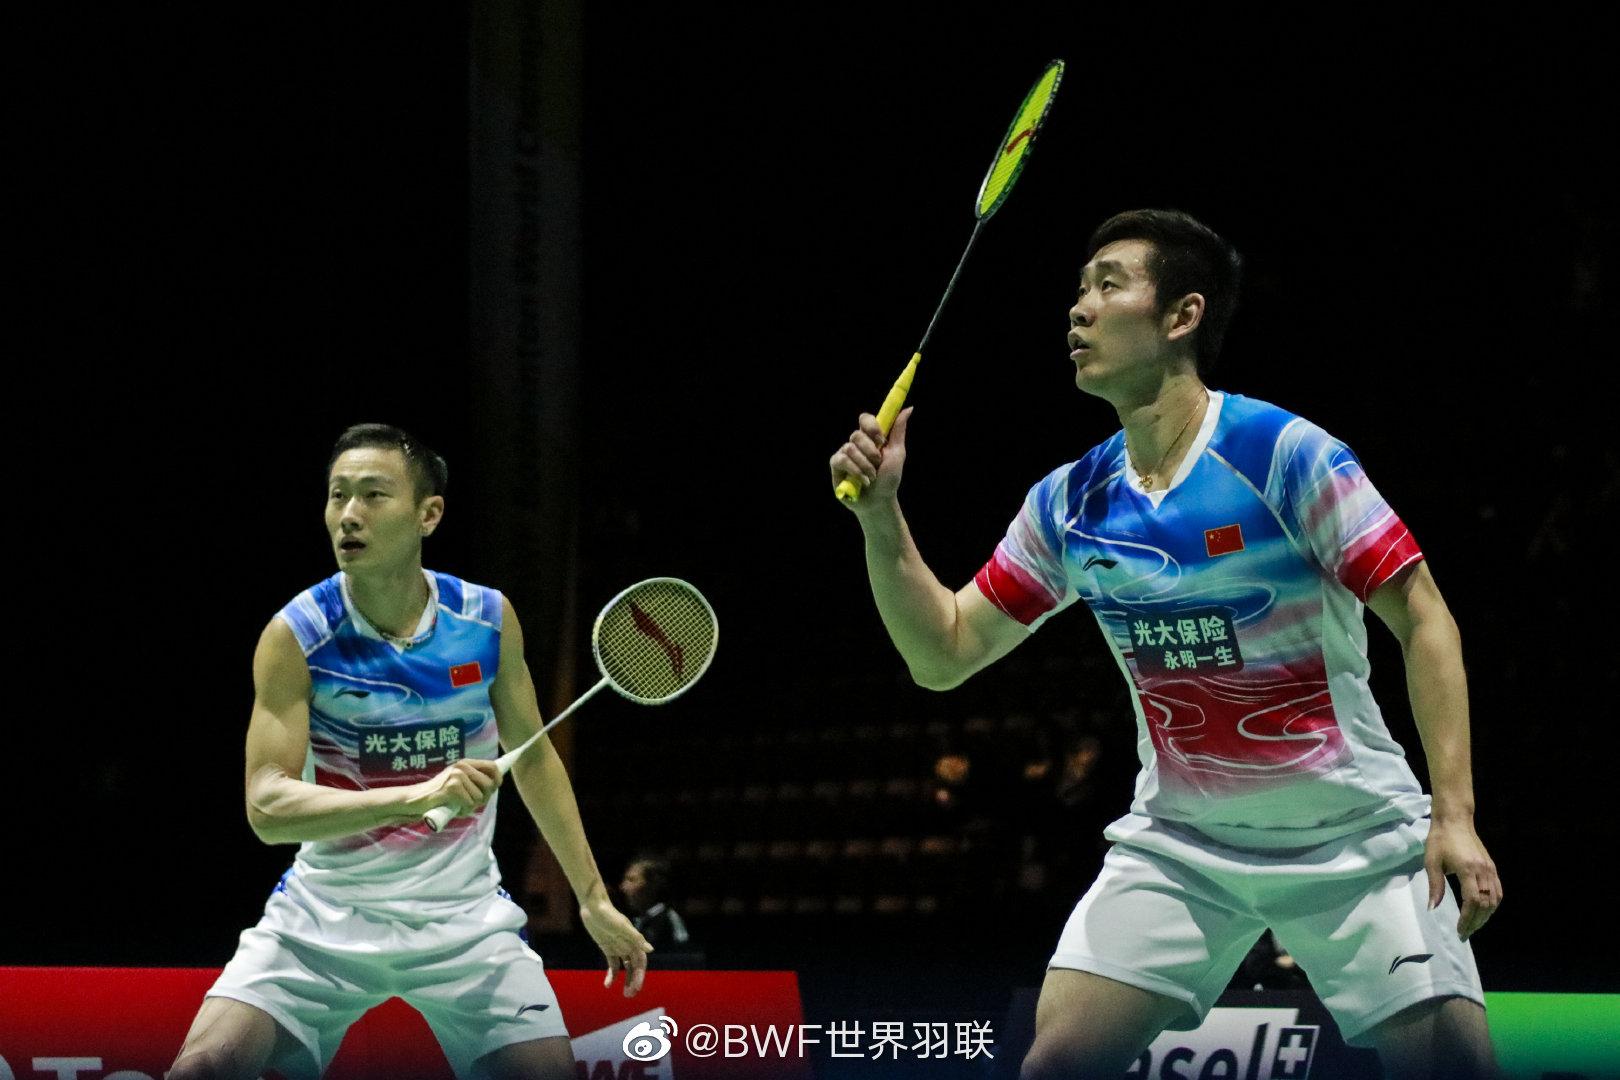 男双第二轮 刘成/张楠(中国)21-14 21-13  阿琼/斯洛克(印度)